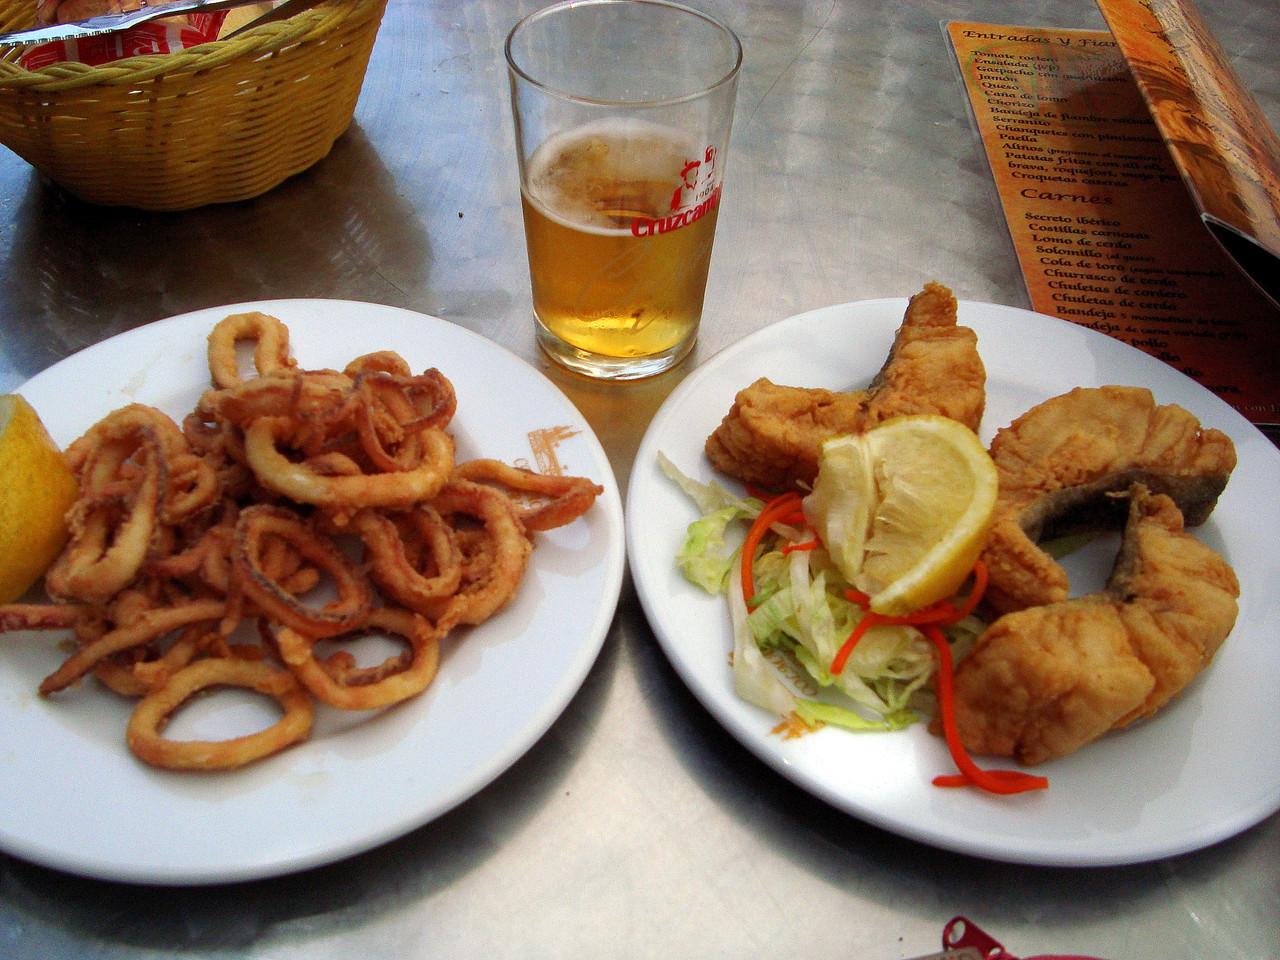 セビージャのトゥリアーナ地区で昼間からおいしいおつまみを♪